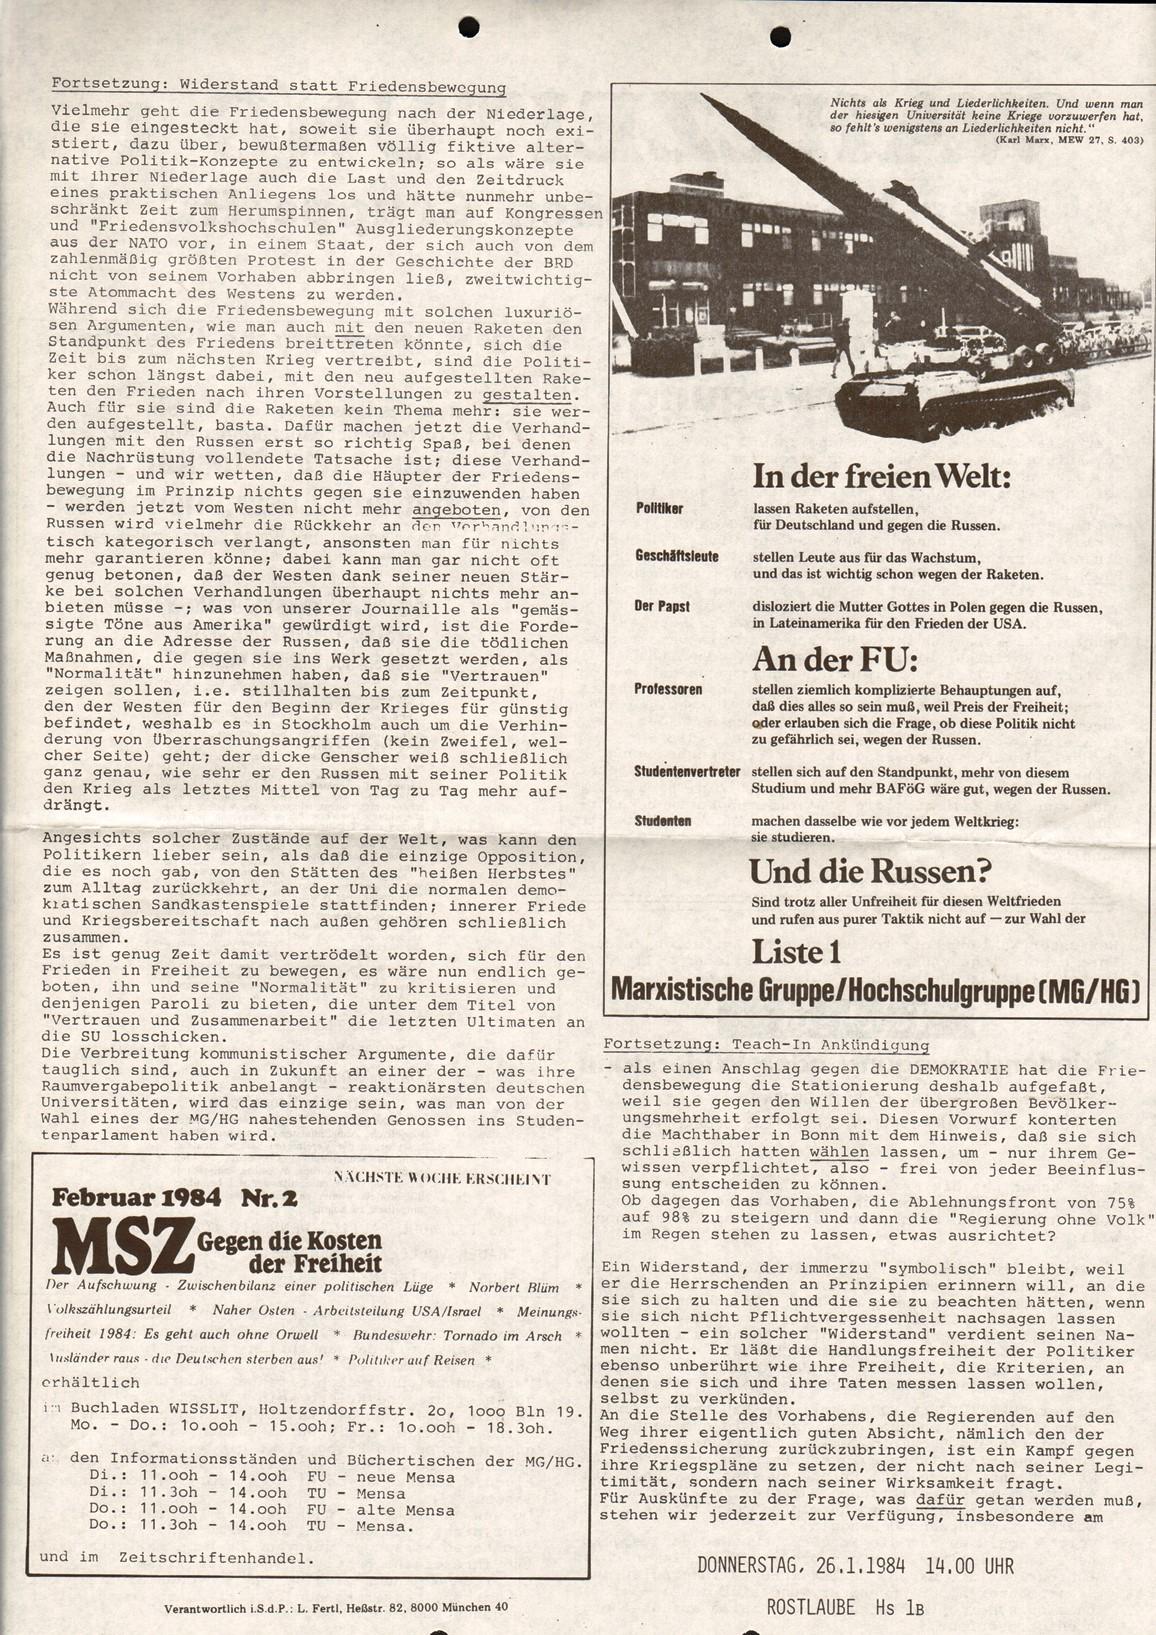 Berlin_MG_Hochschulgruppe_19840123_02